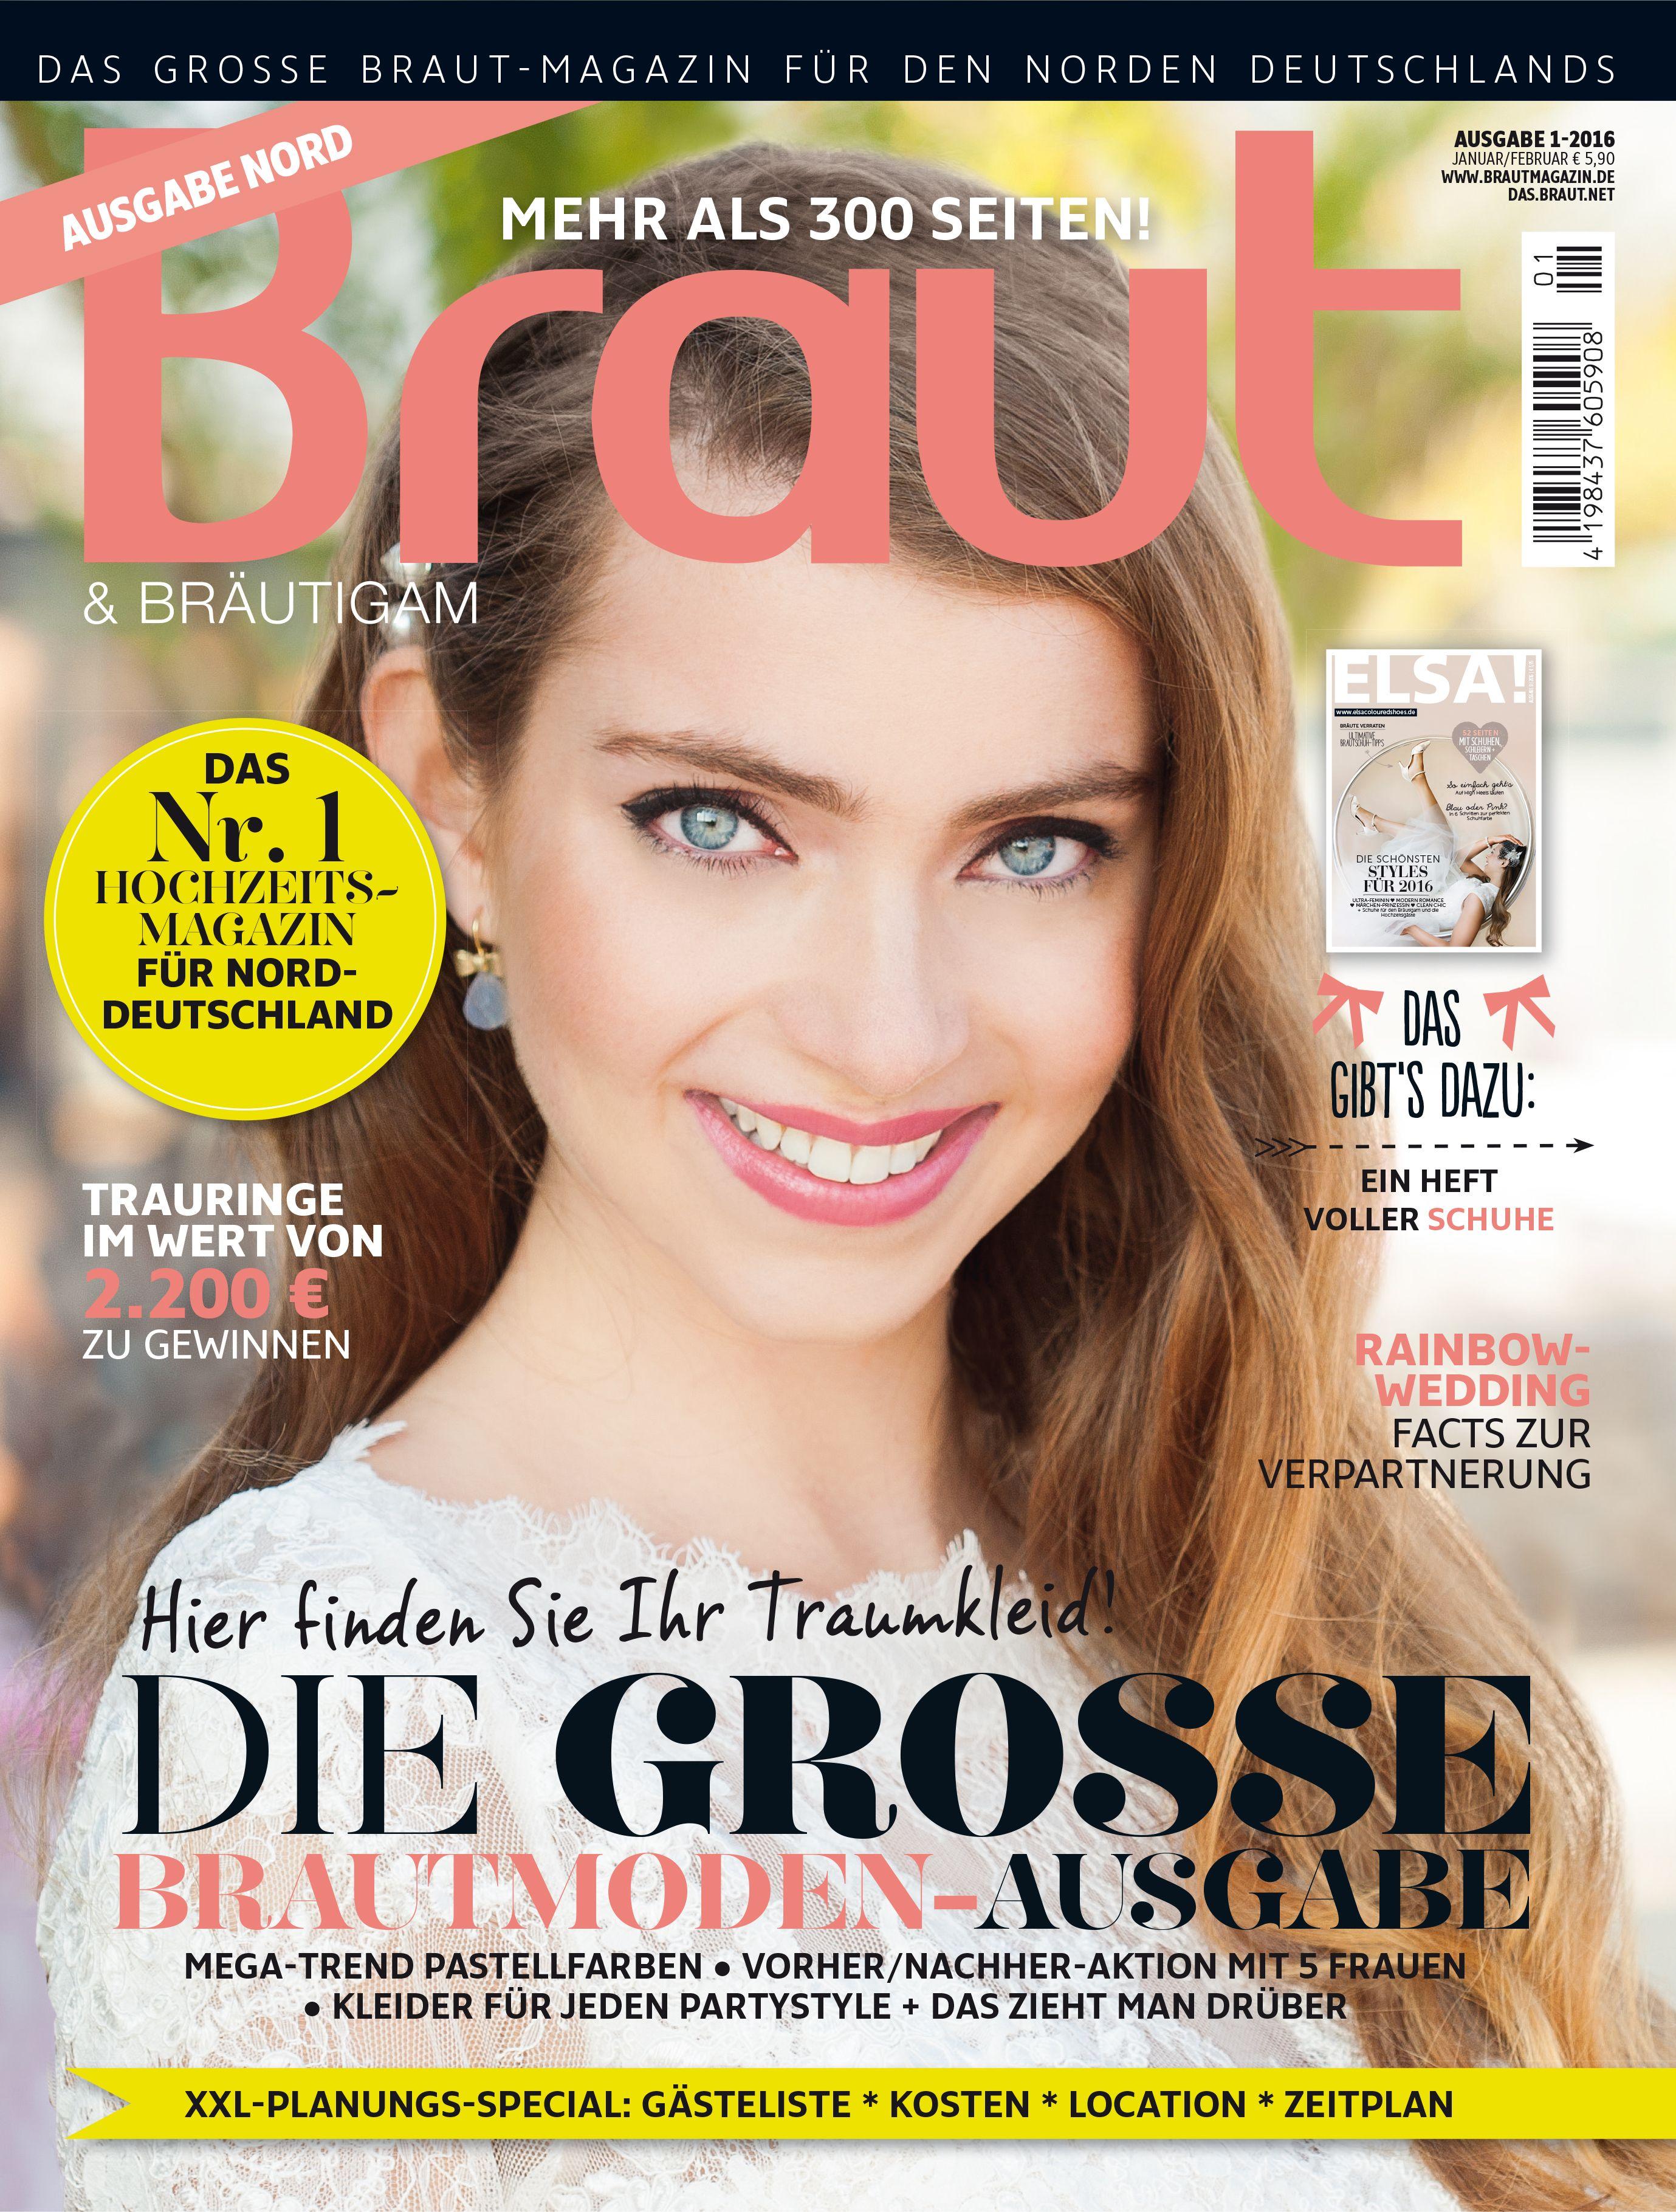 Ausgabe 1-2016 #Hochzeitsmagazin #Brautmagazin #Hochzeitsmode ...